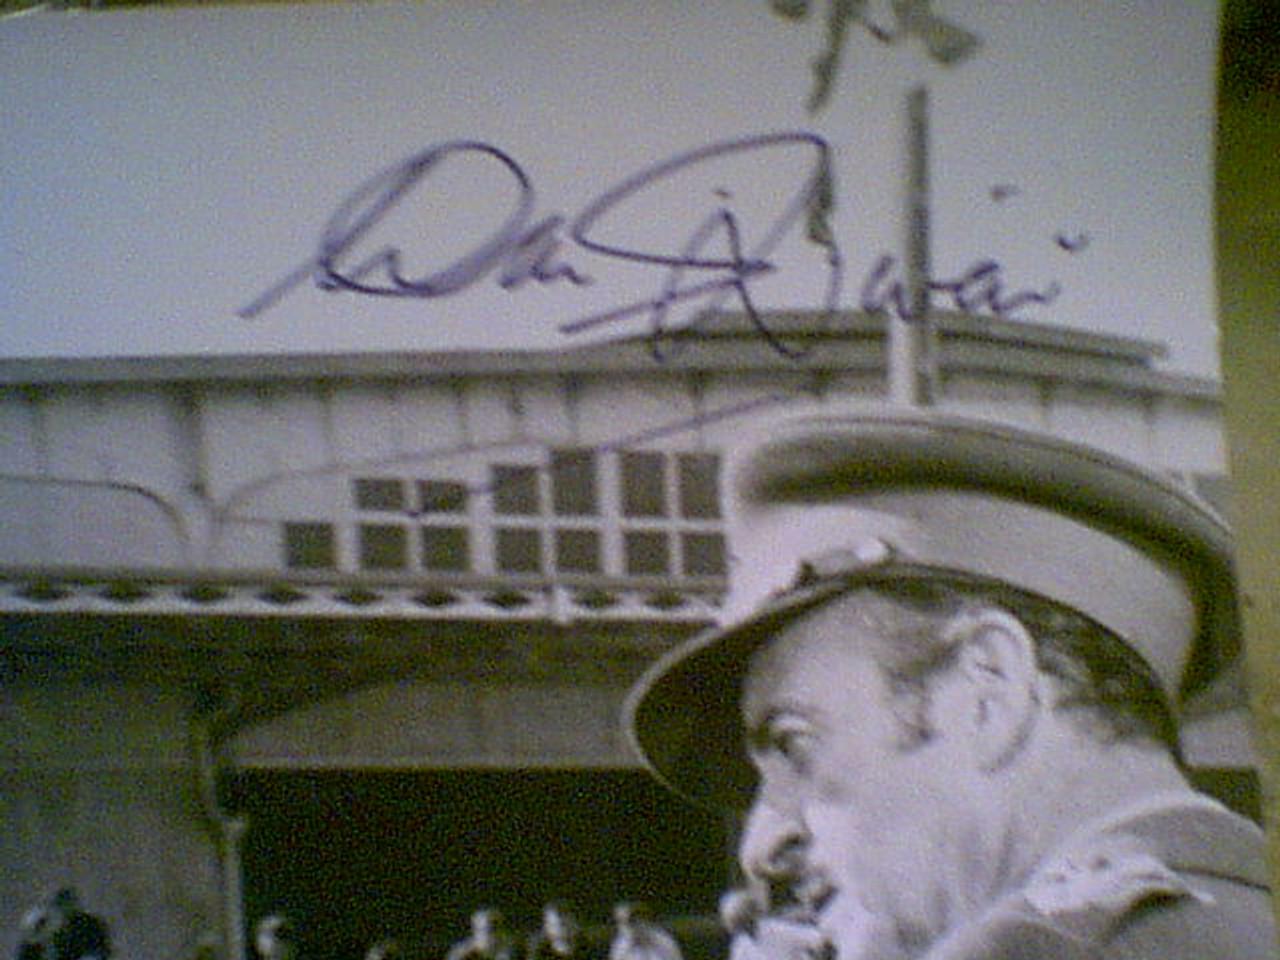 """Wallach, Eli And David Niven """"The Brain"""" 1969 Photo Signed Autograph Movie Scene"""